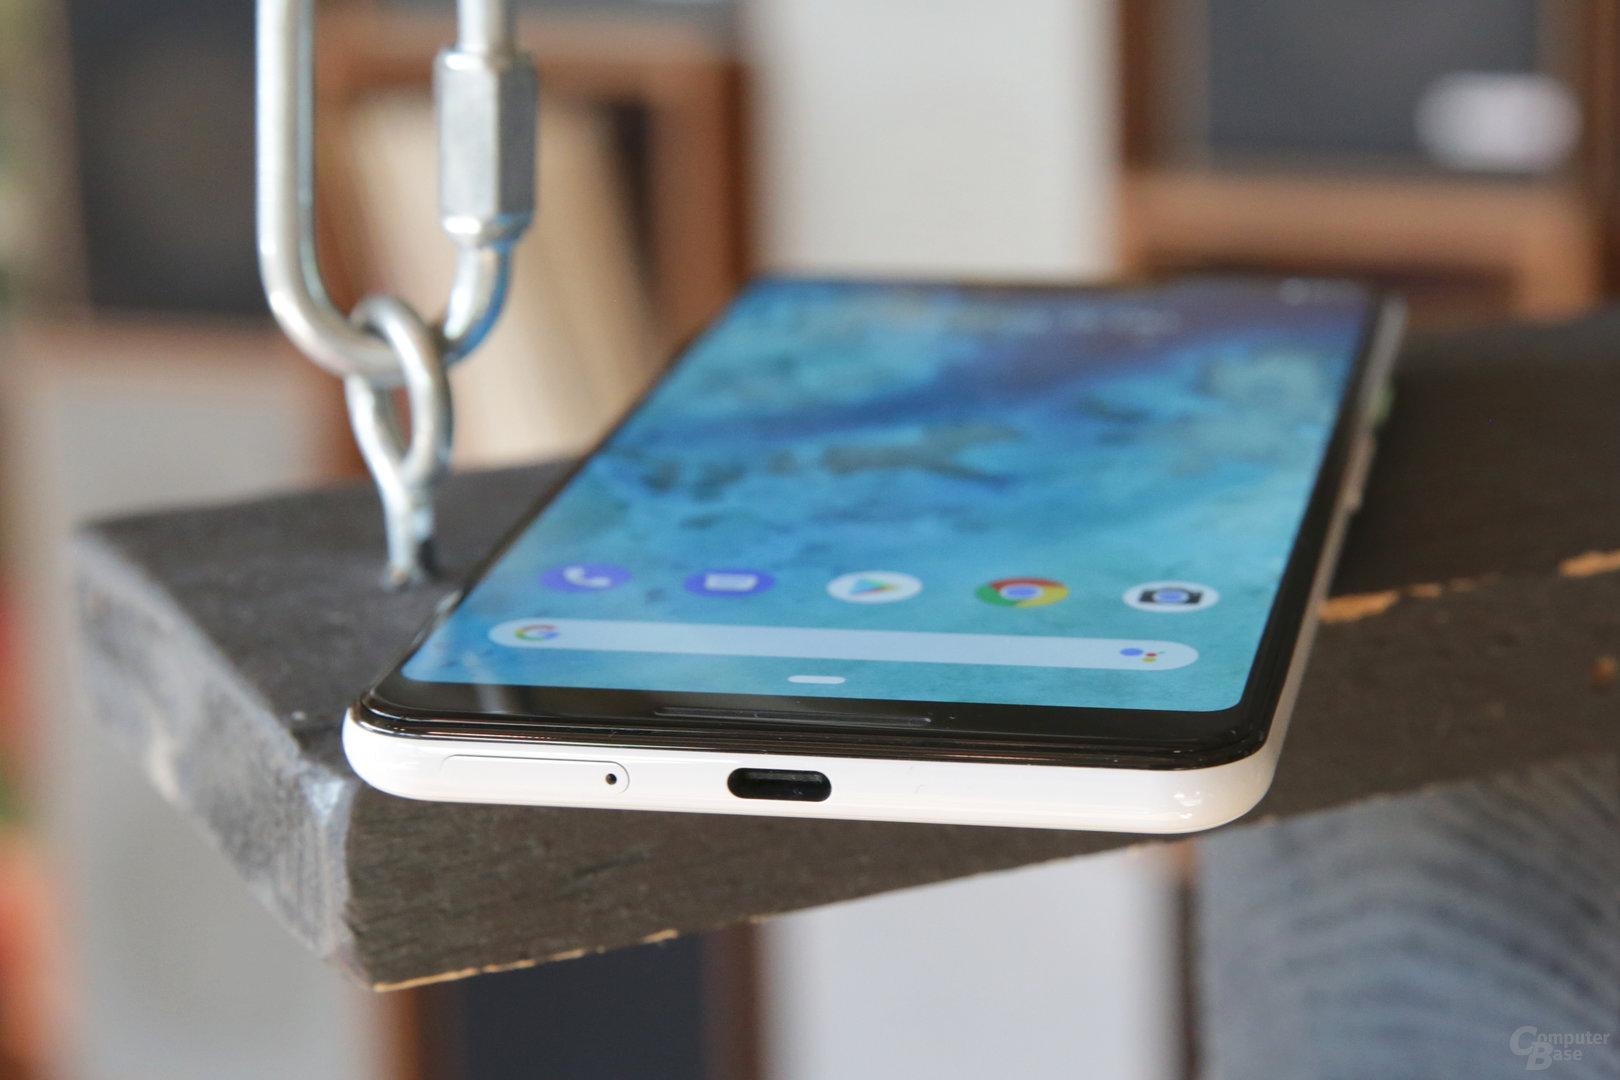 Geladen wird das Pixel 3 XL mit Kabel und 18 Watt oder kabellos mit 10 Watt